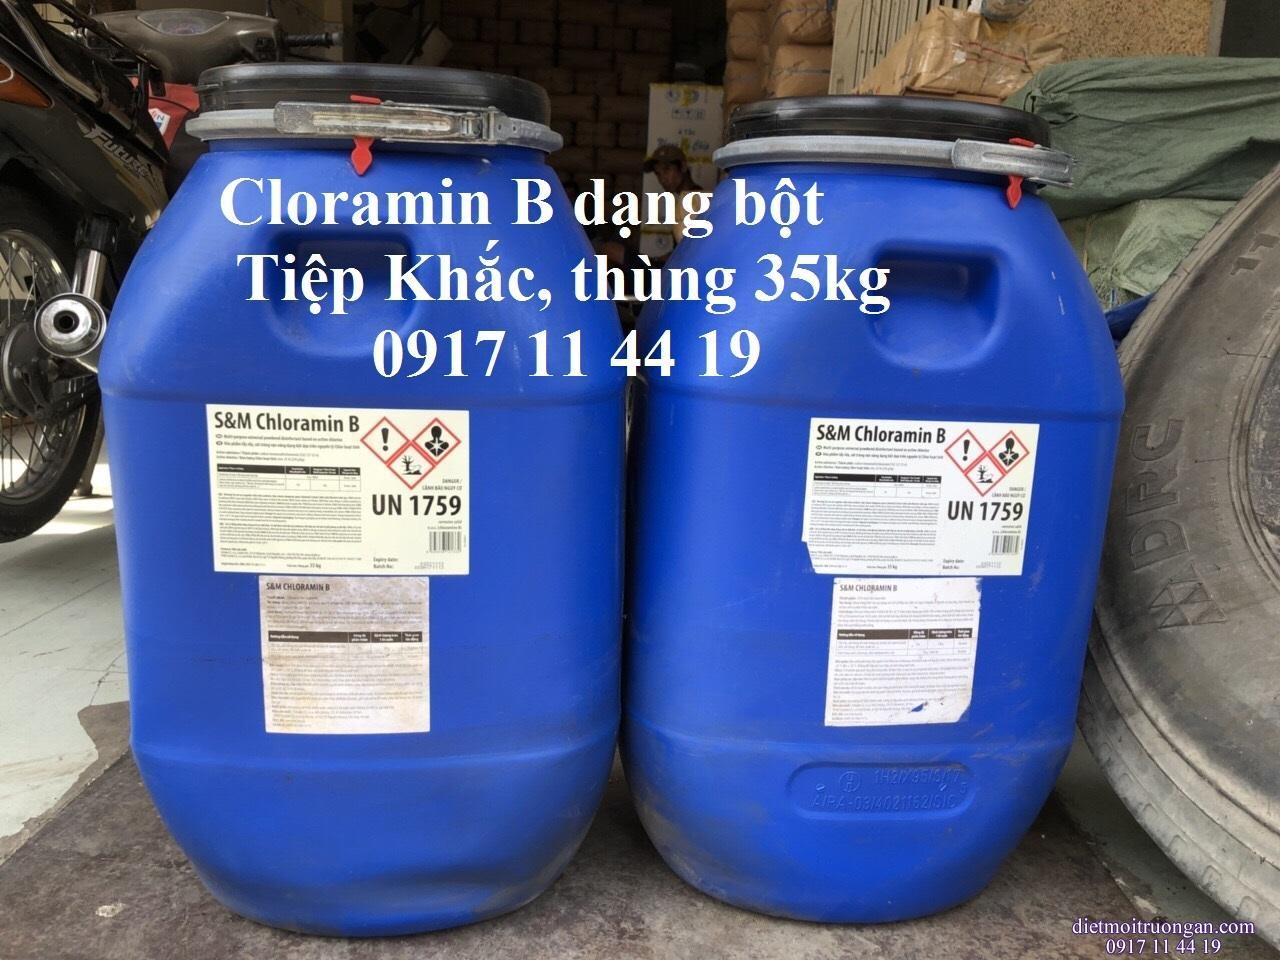 CHLORAMIN B - Sát trùng đa năng